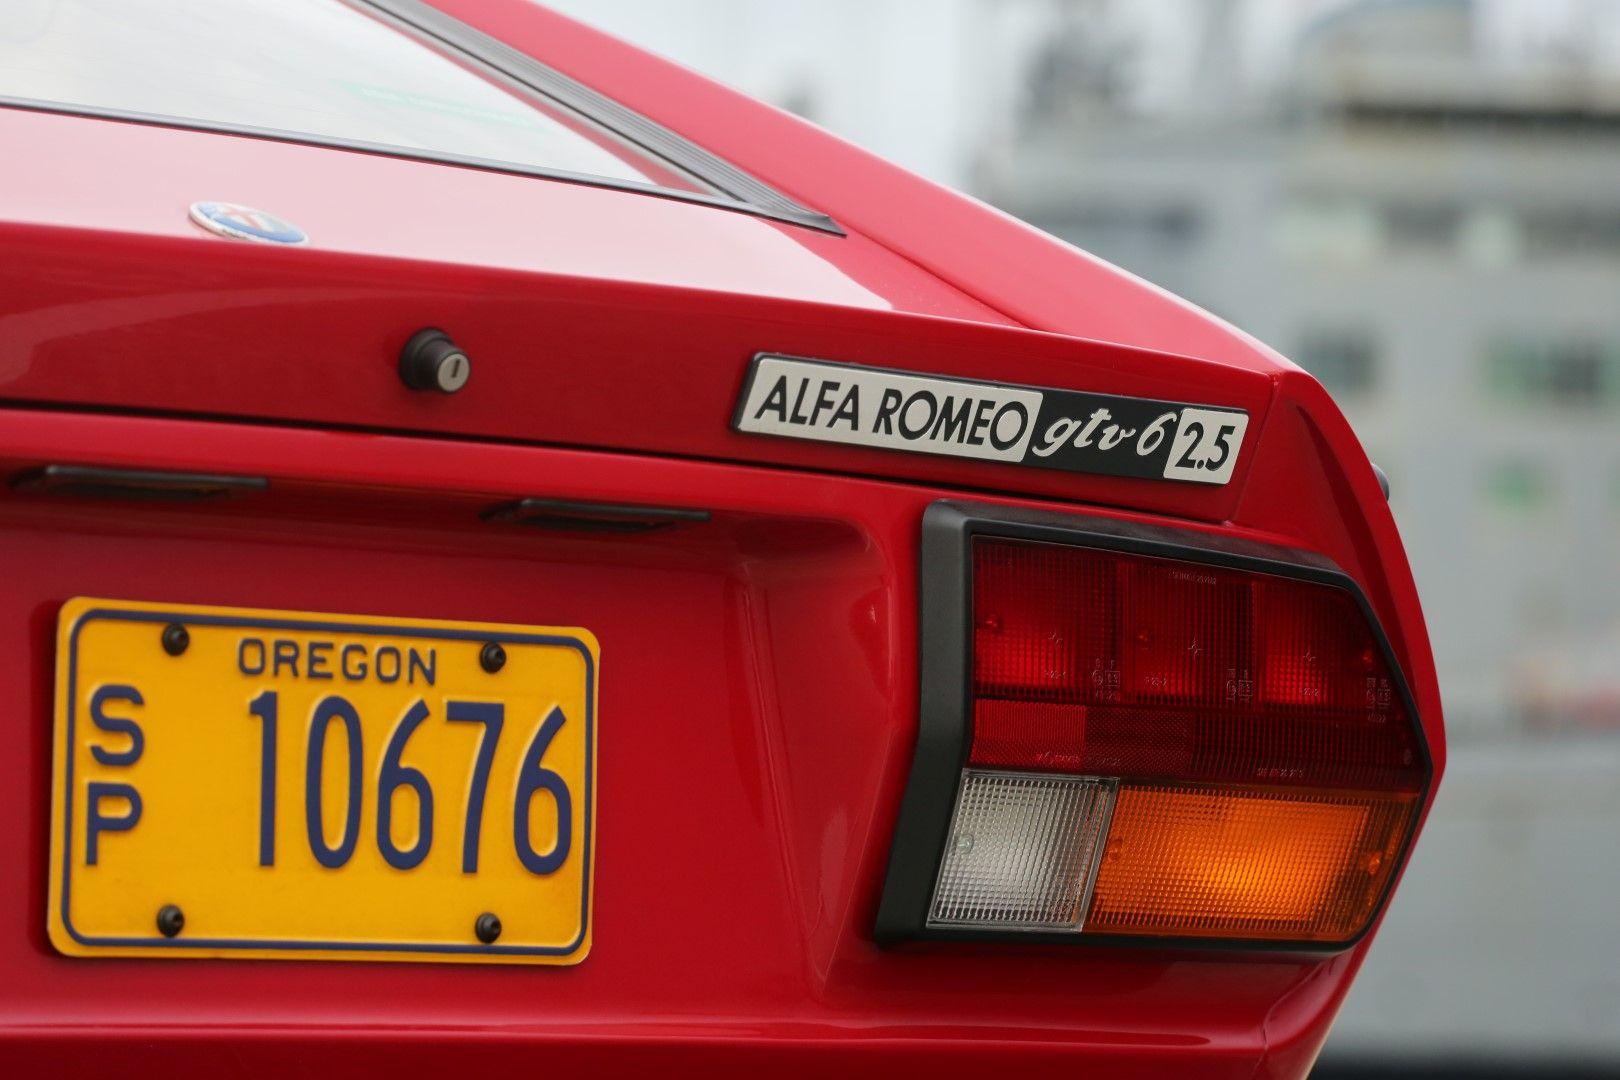 No Reserve 1982 Alfa Romeo Gtv6 Balocco Alfa Romeo Gtv6 Alfa Romeo Coilover Suspension